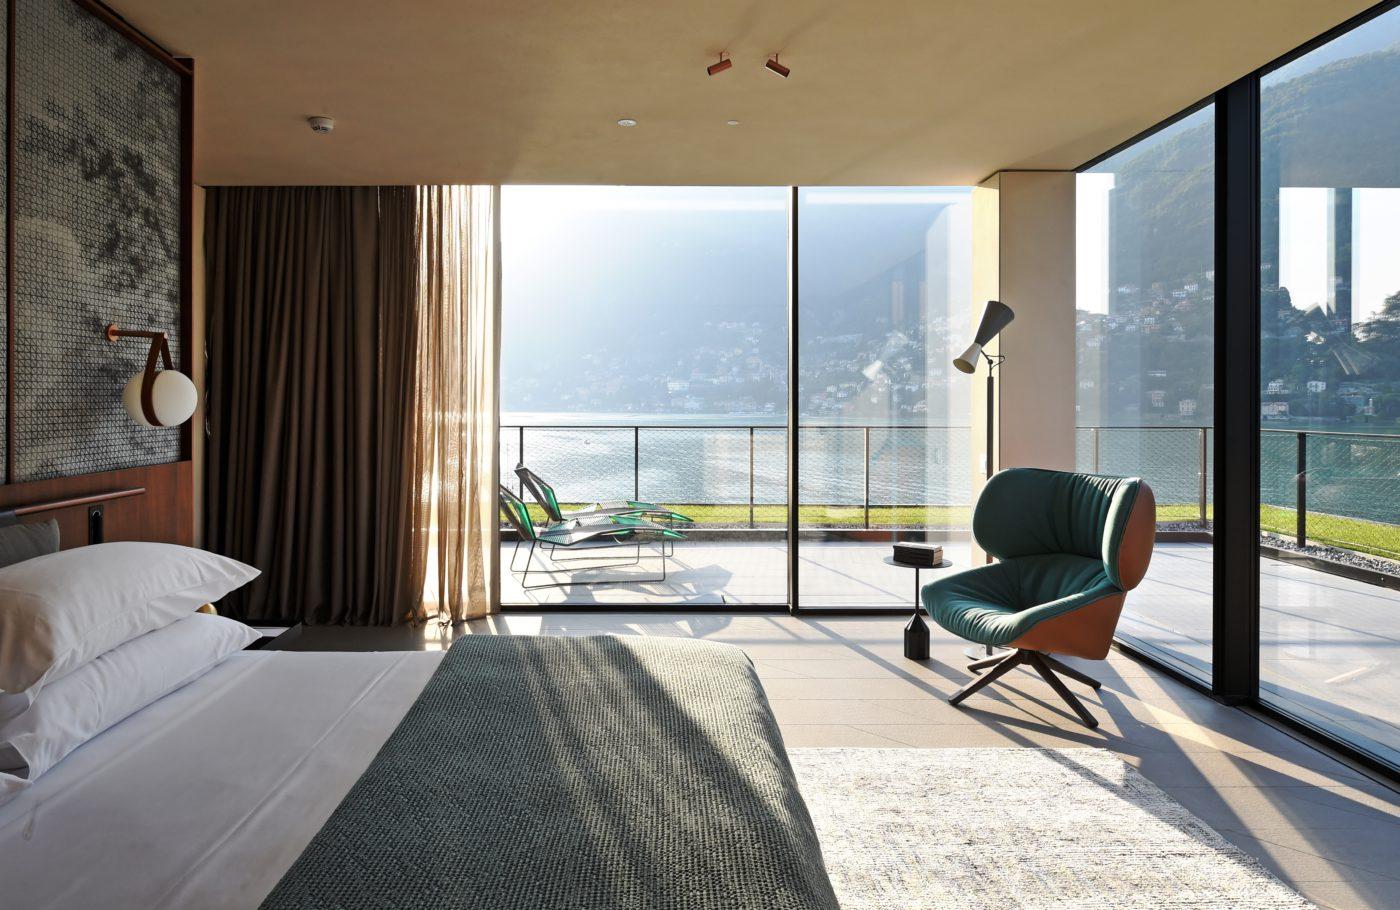 Hotel Di Lusso Interni : Il sereno design hotel di lusso sul lago di como suite interno